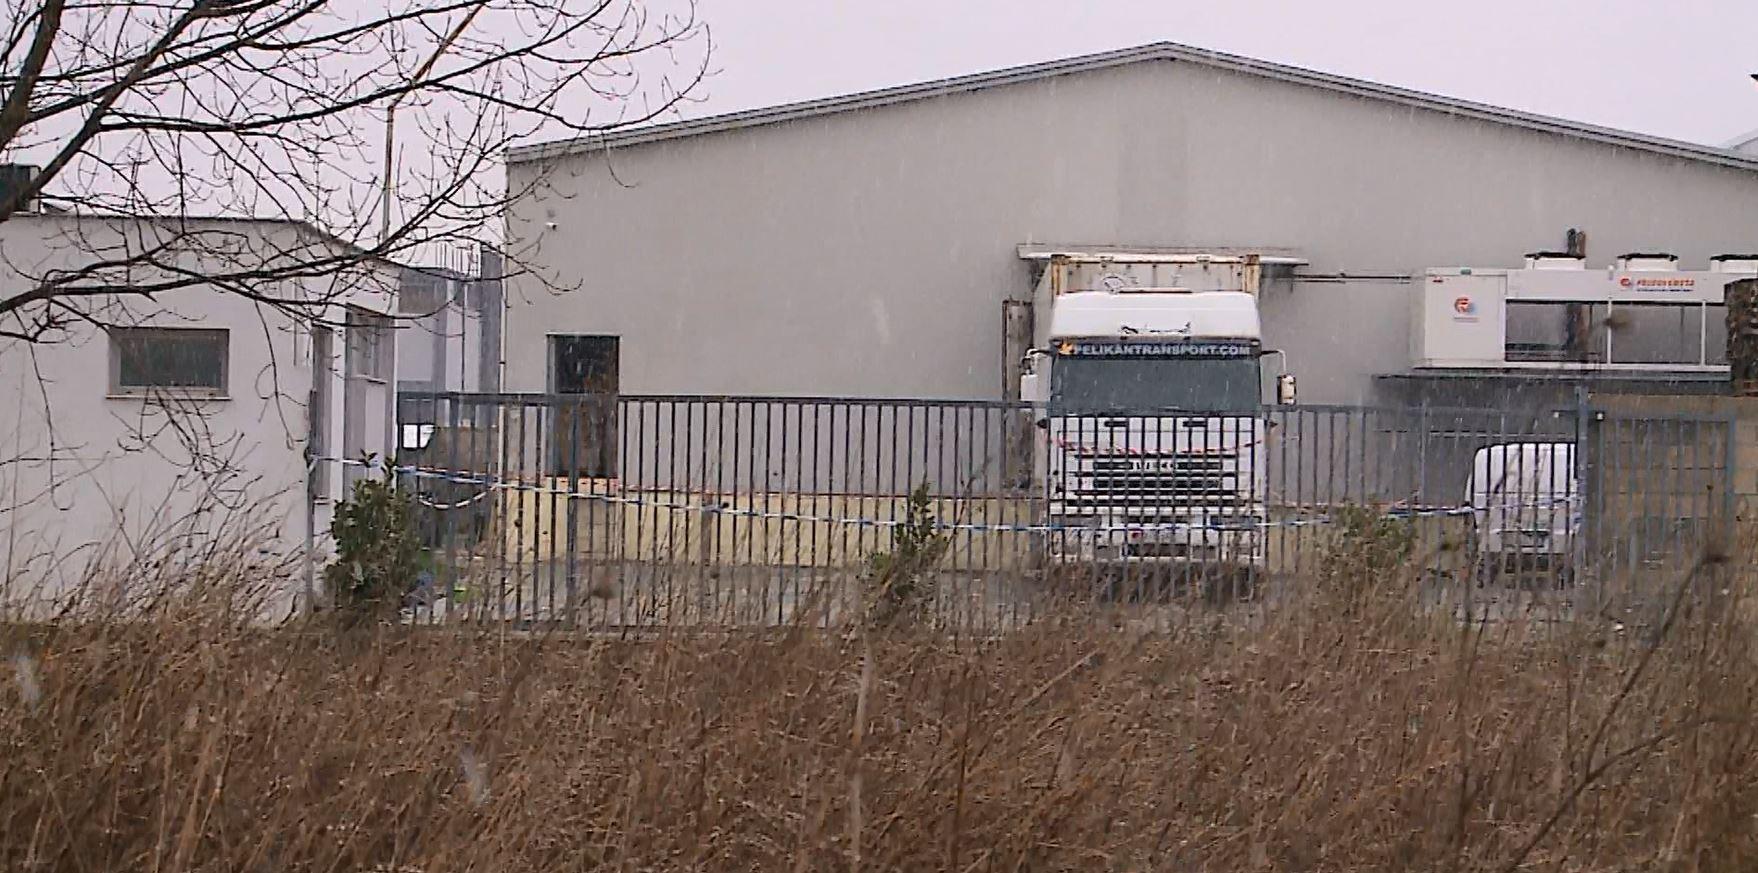 Prokuroria letërporosi në Livorno për 613 kg kokainë